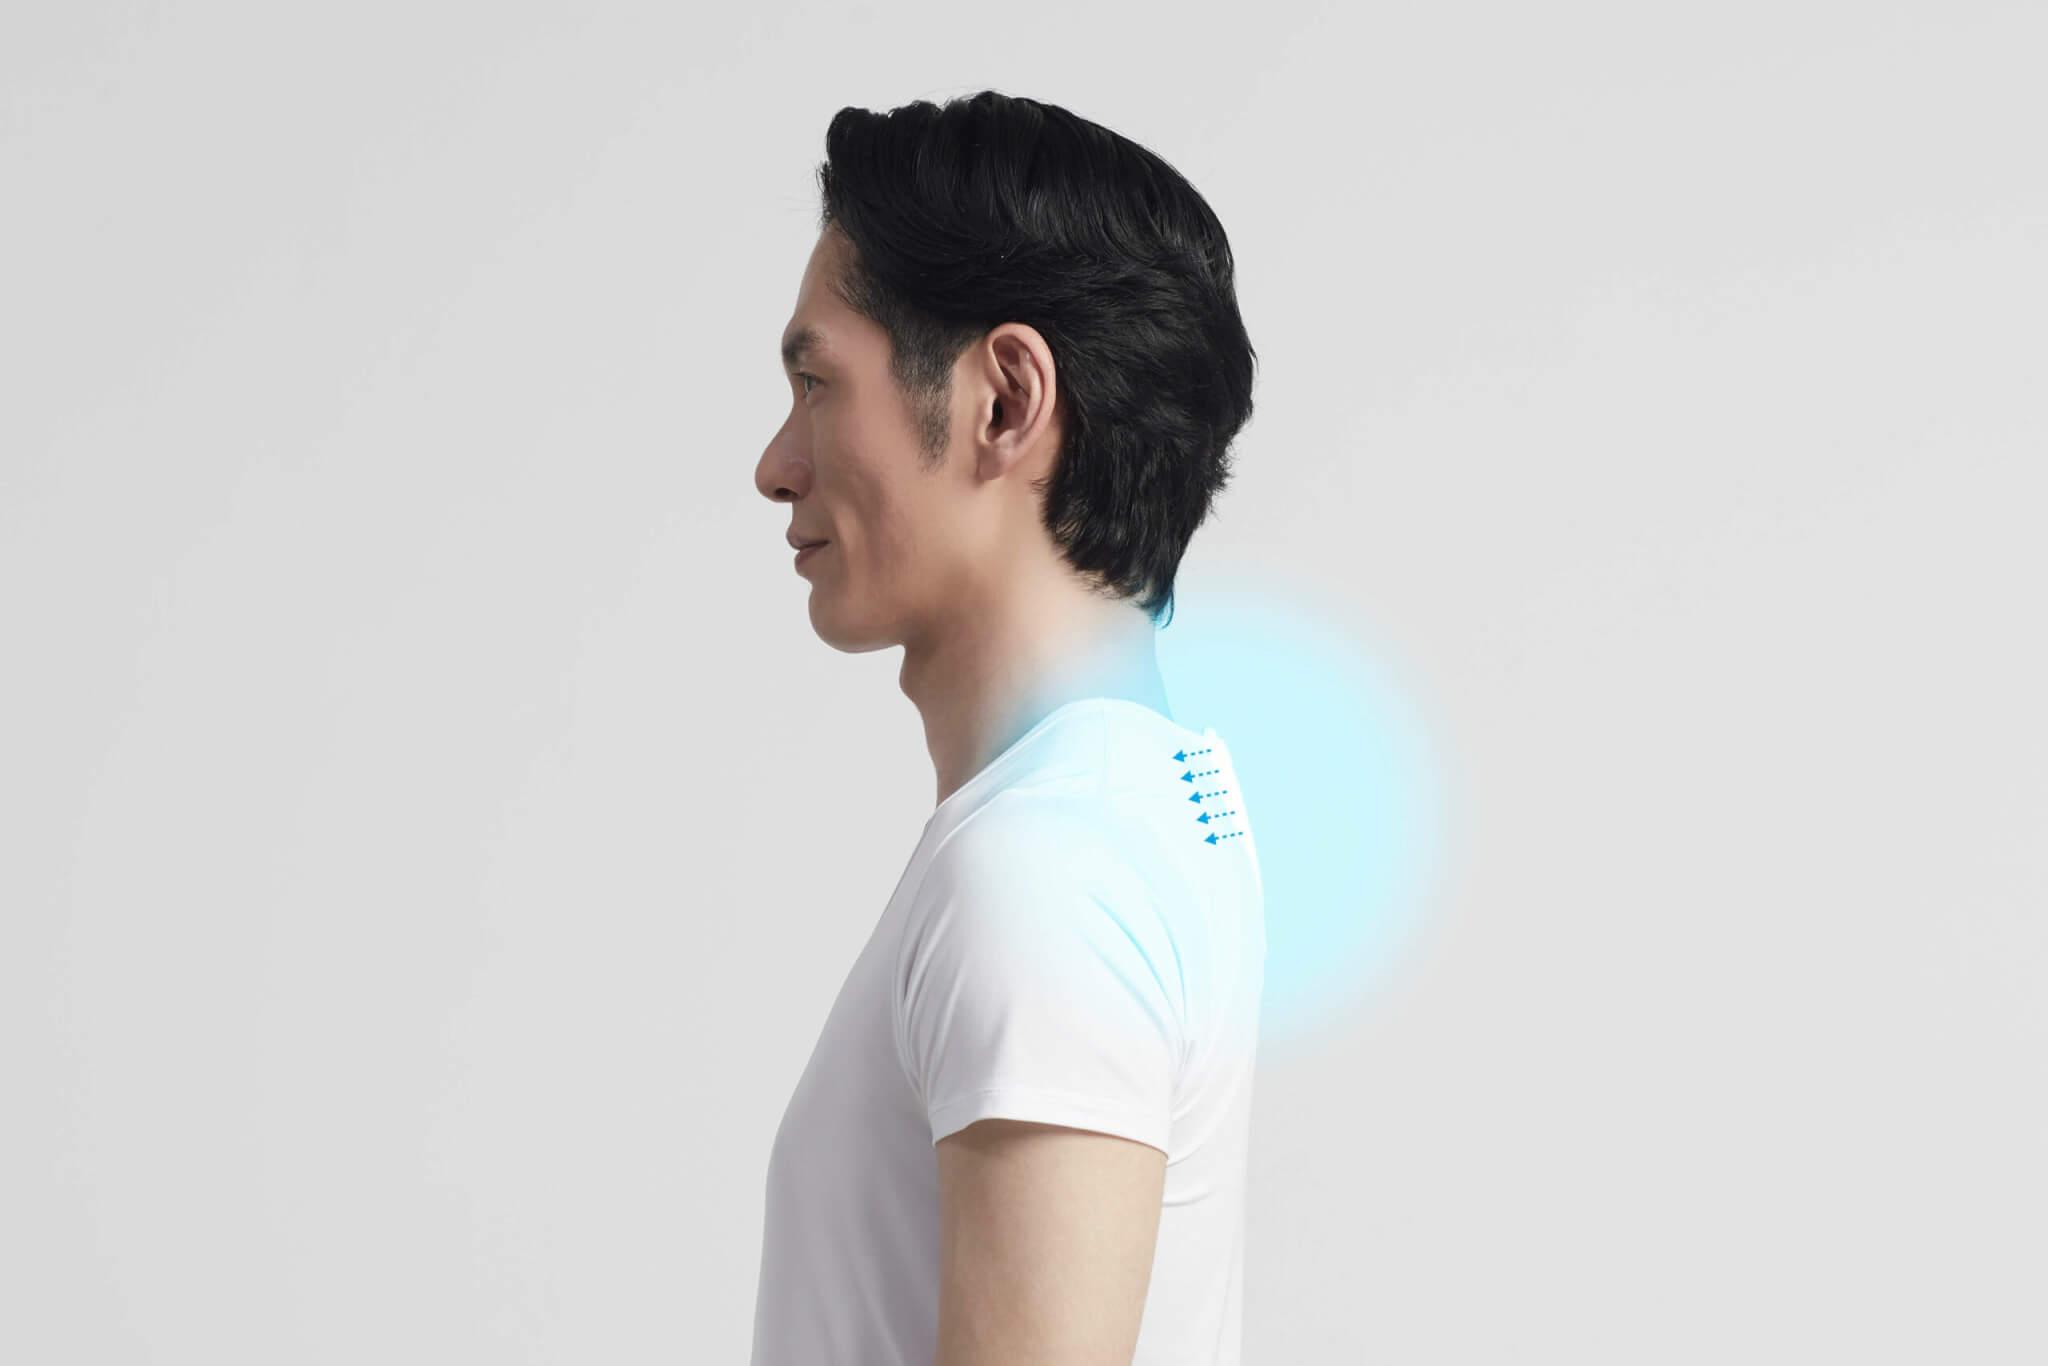 首の下あたりで体に触れる部分が冷たくなり涼しさを感じます